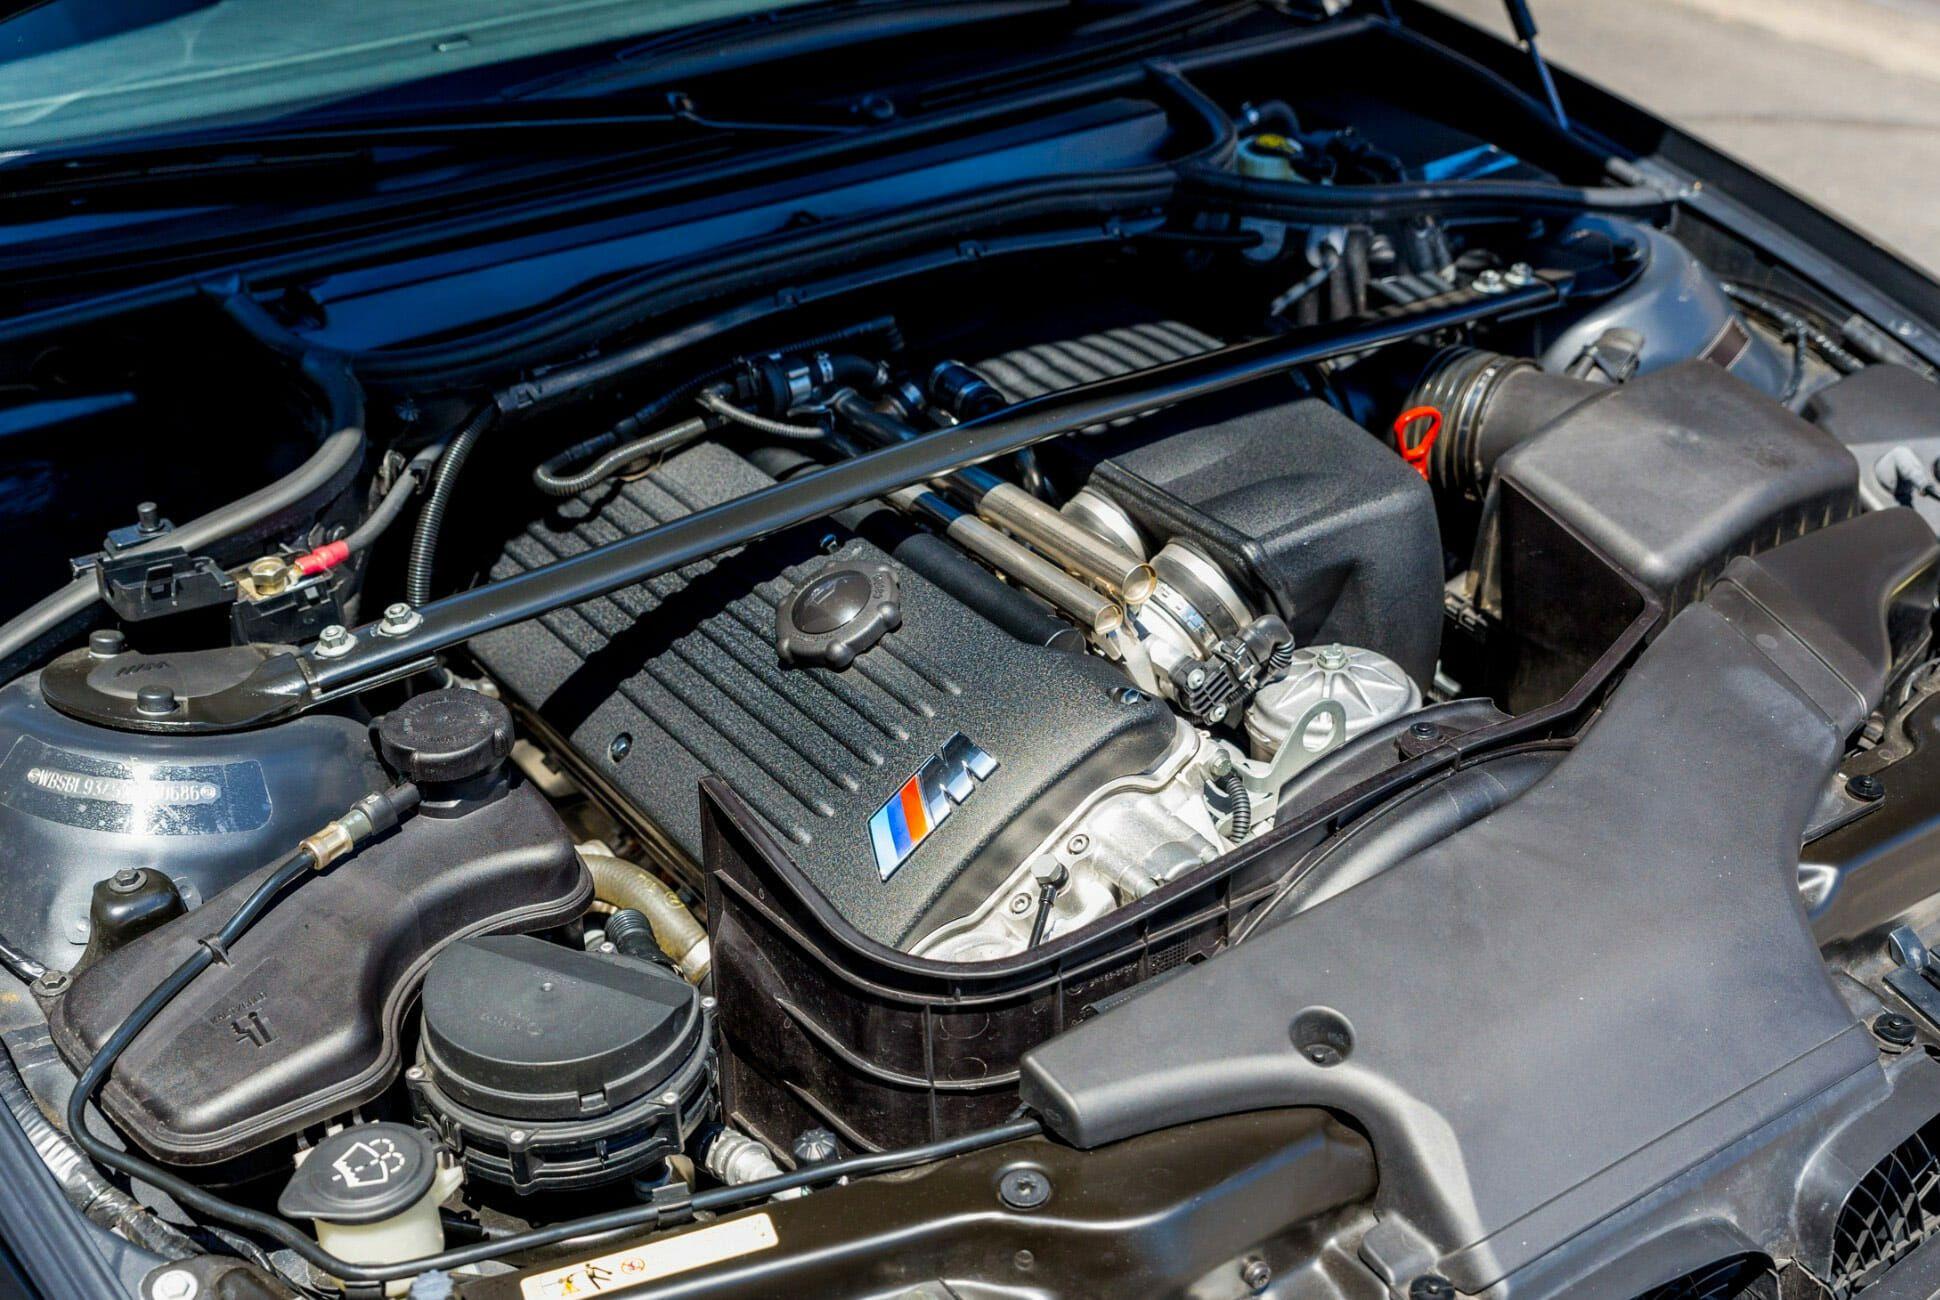 2005-Bring-a-Trailer-BMW-M3--gear-patrol-5